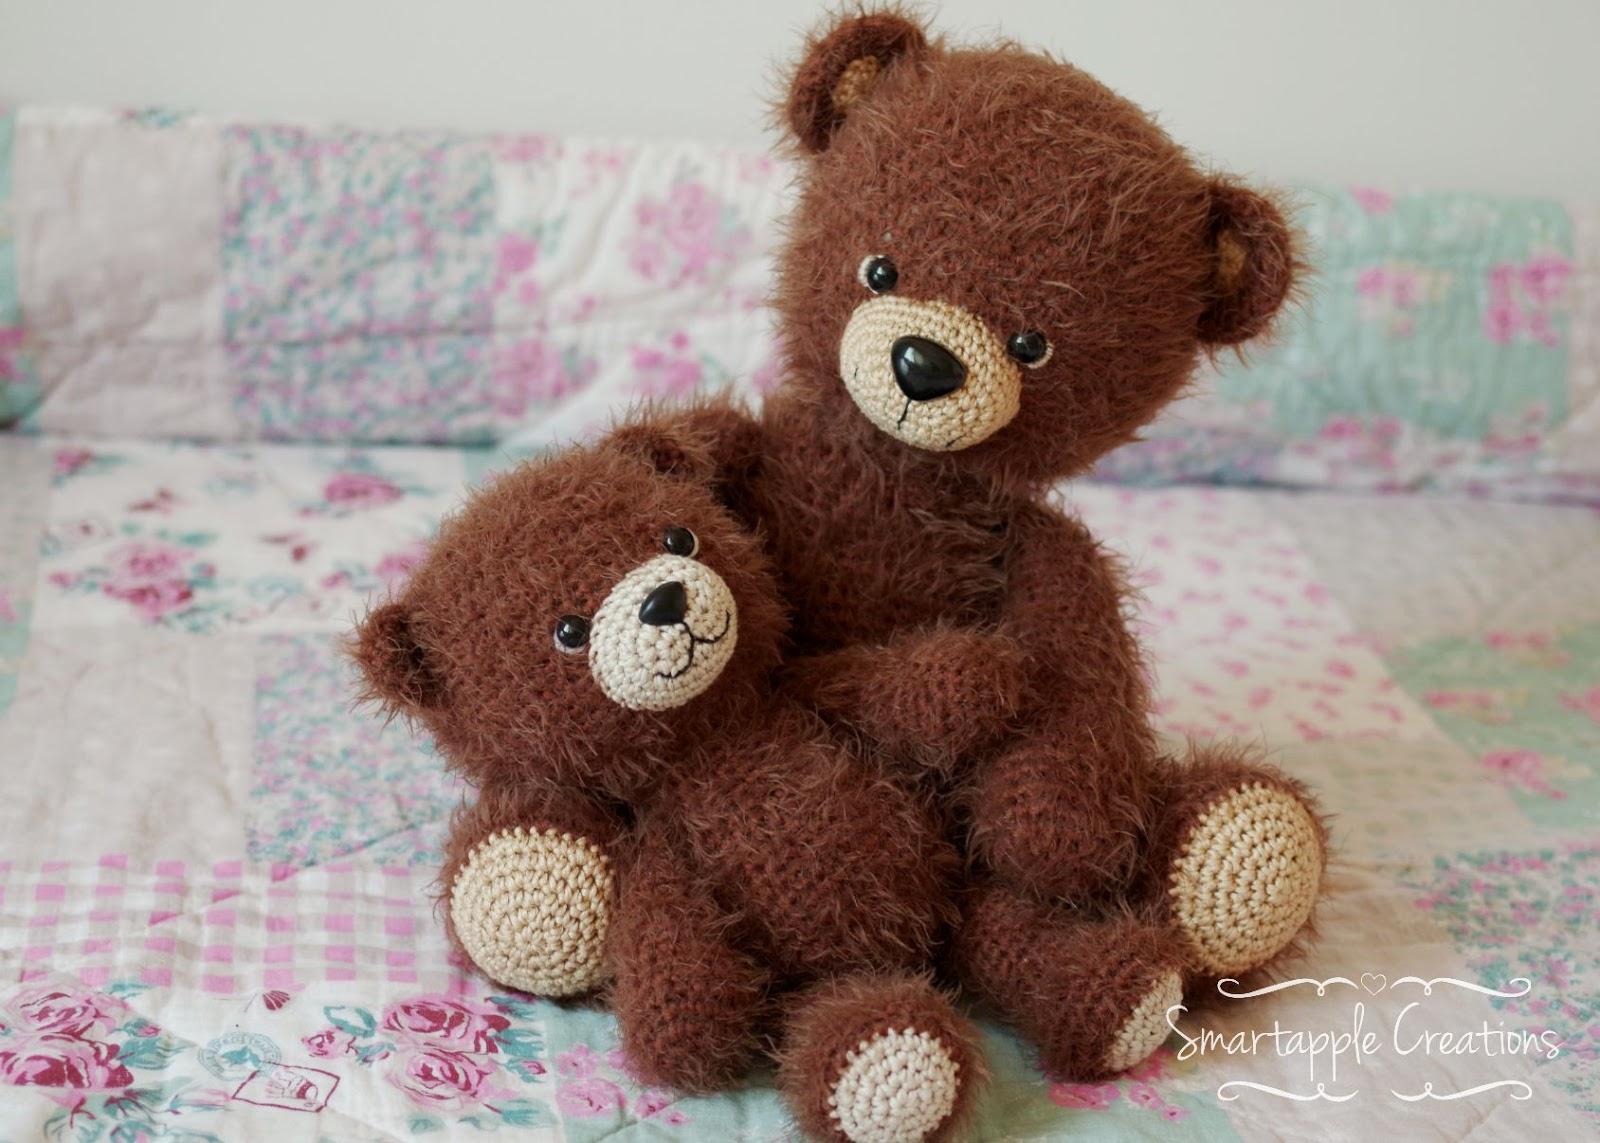 Amigurumi Teddy Bears : Smartapple creations amigurumi and crochet